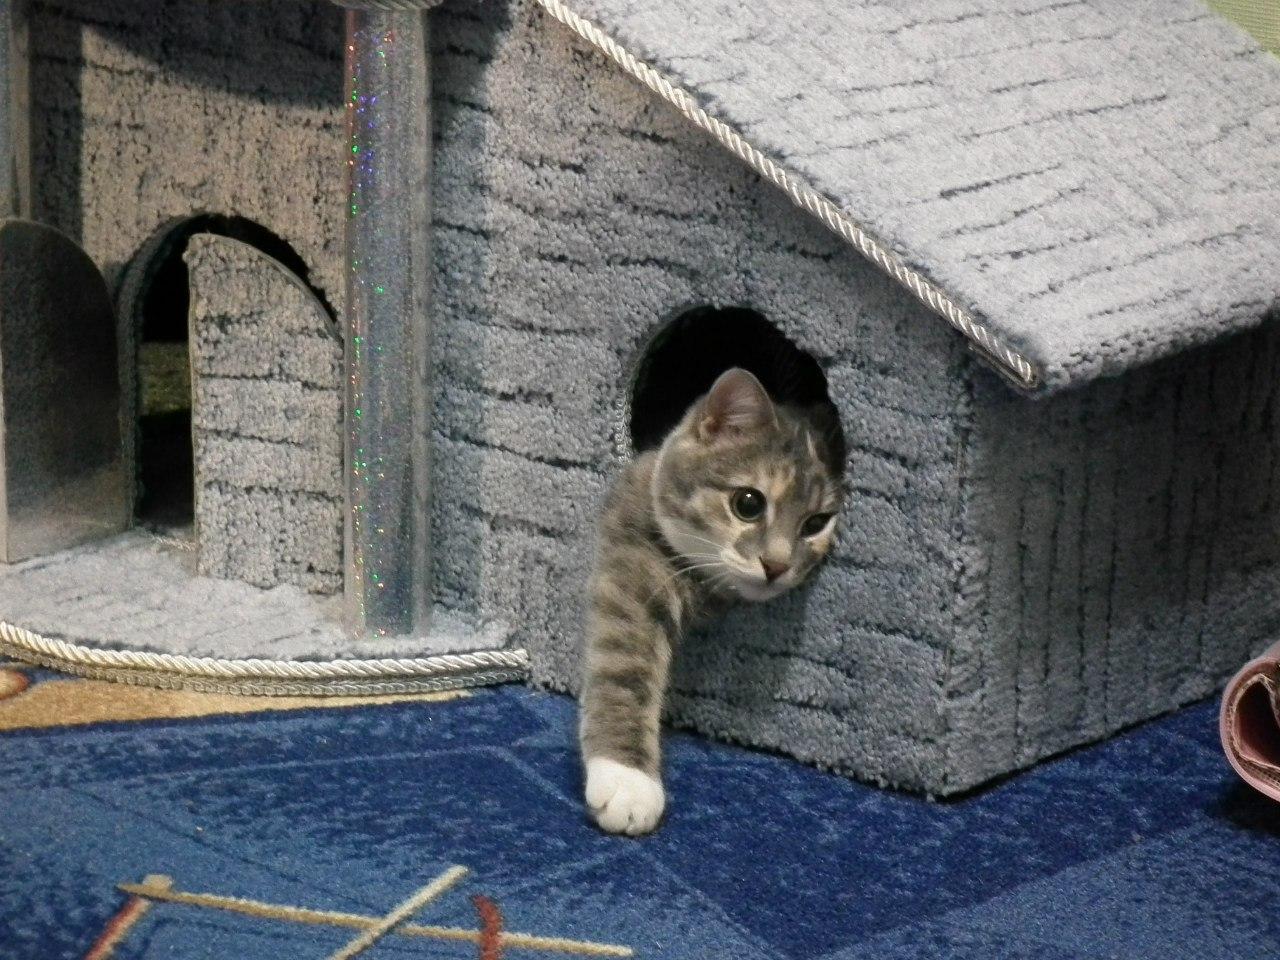 дом на улице для кота картинка пожалуй, самовыразиться относительно